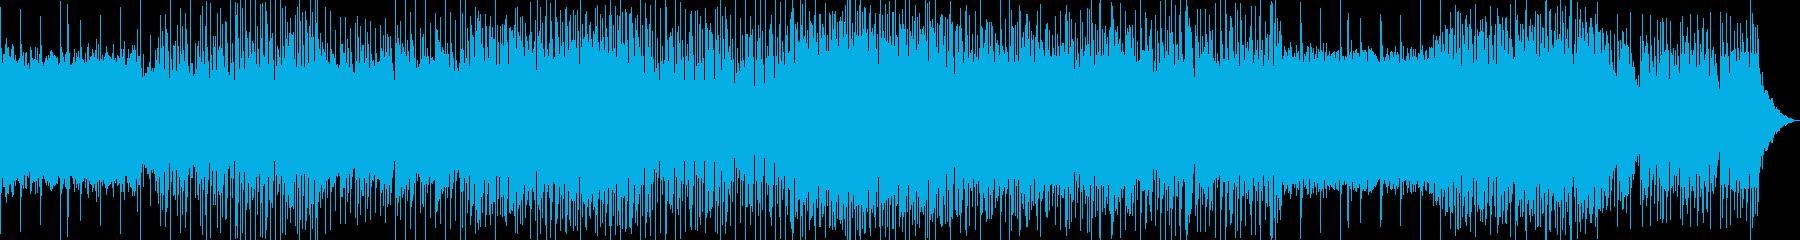 怪しげなコード進行とポップなピアノの曲の再生済みの波形